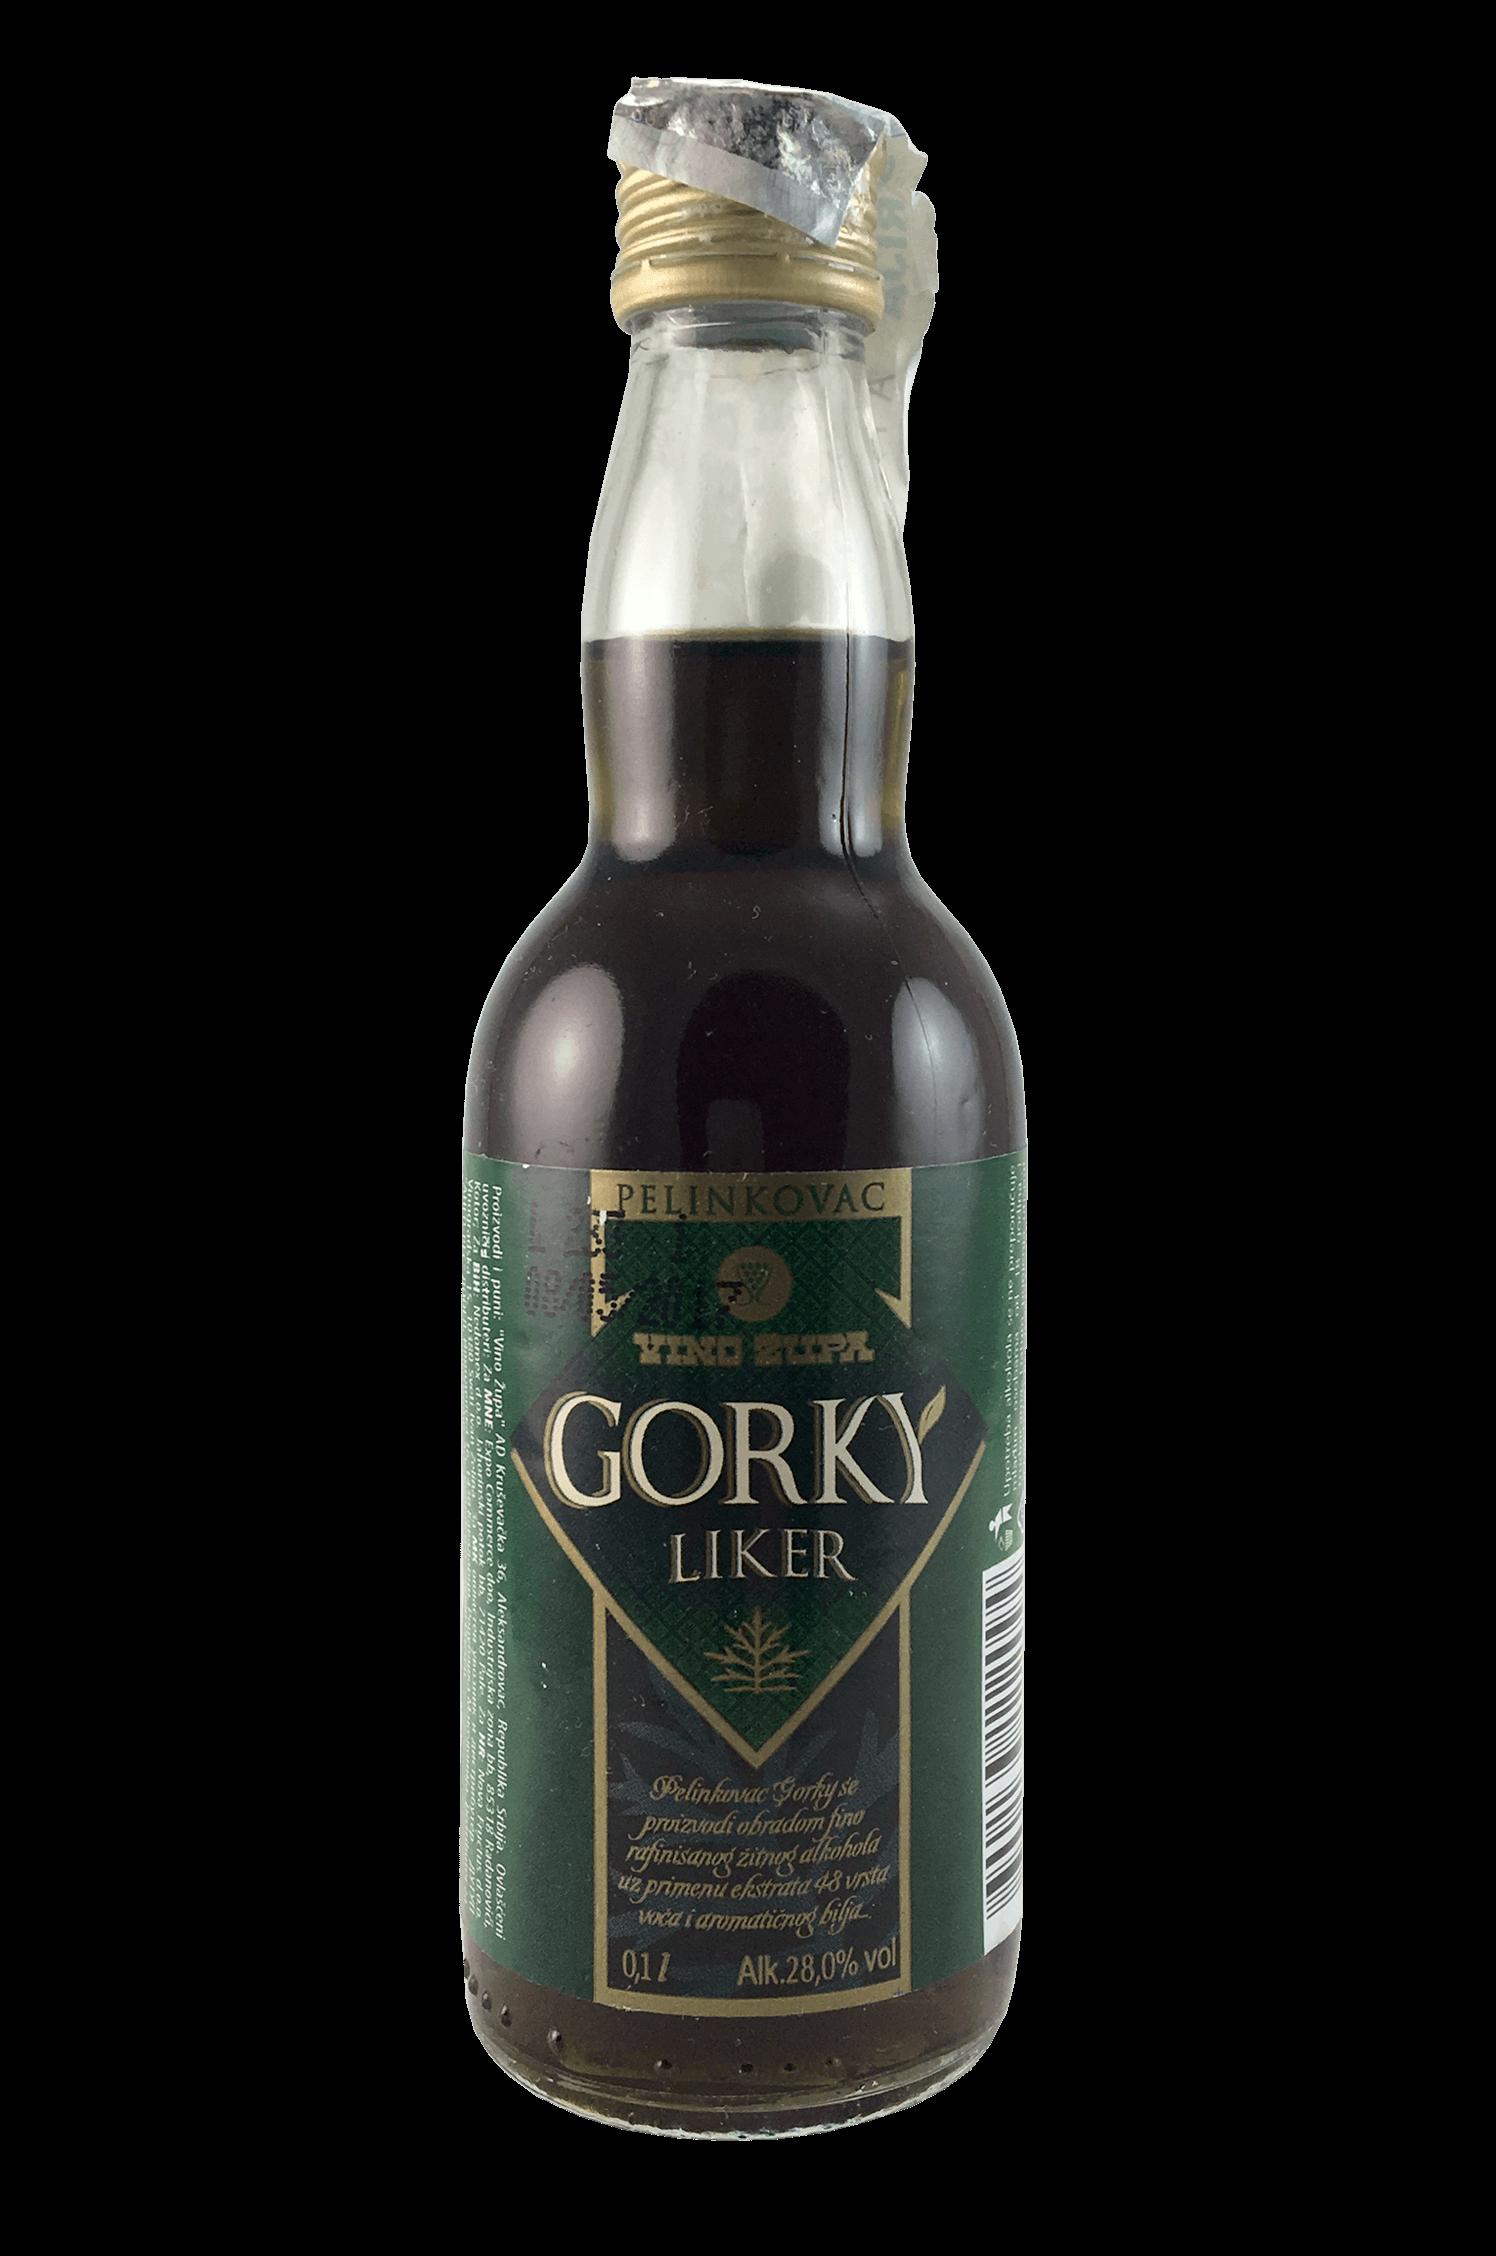 Gorky Liker